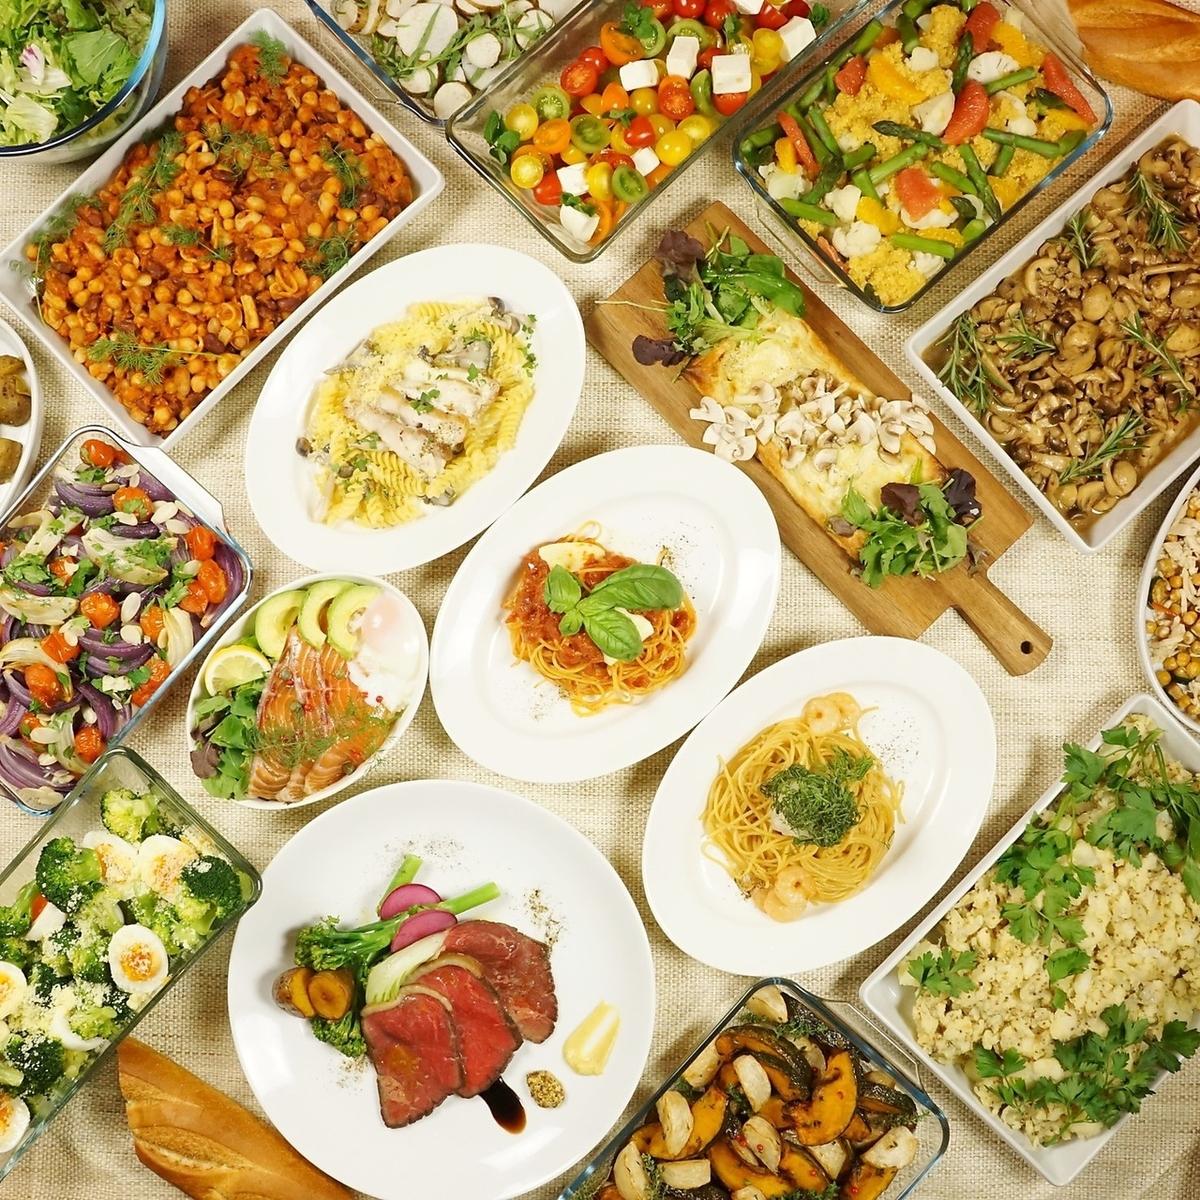 サラダバーや惣菜ビュッフェが食べ放題